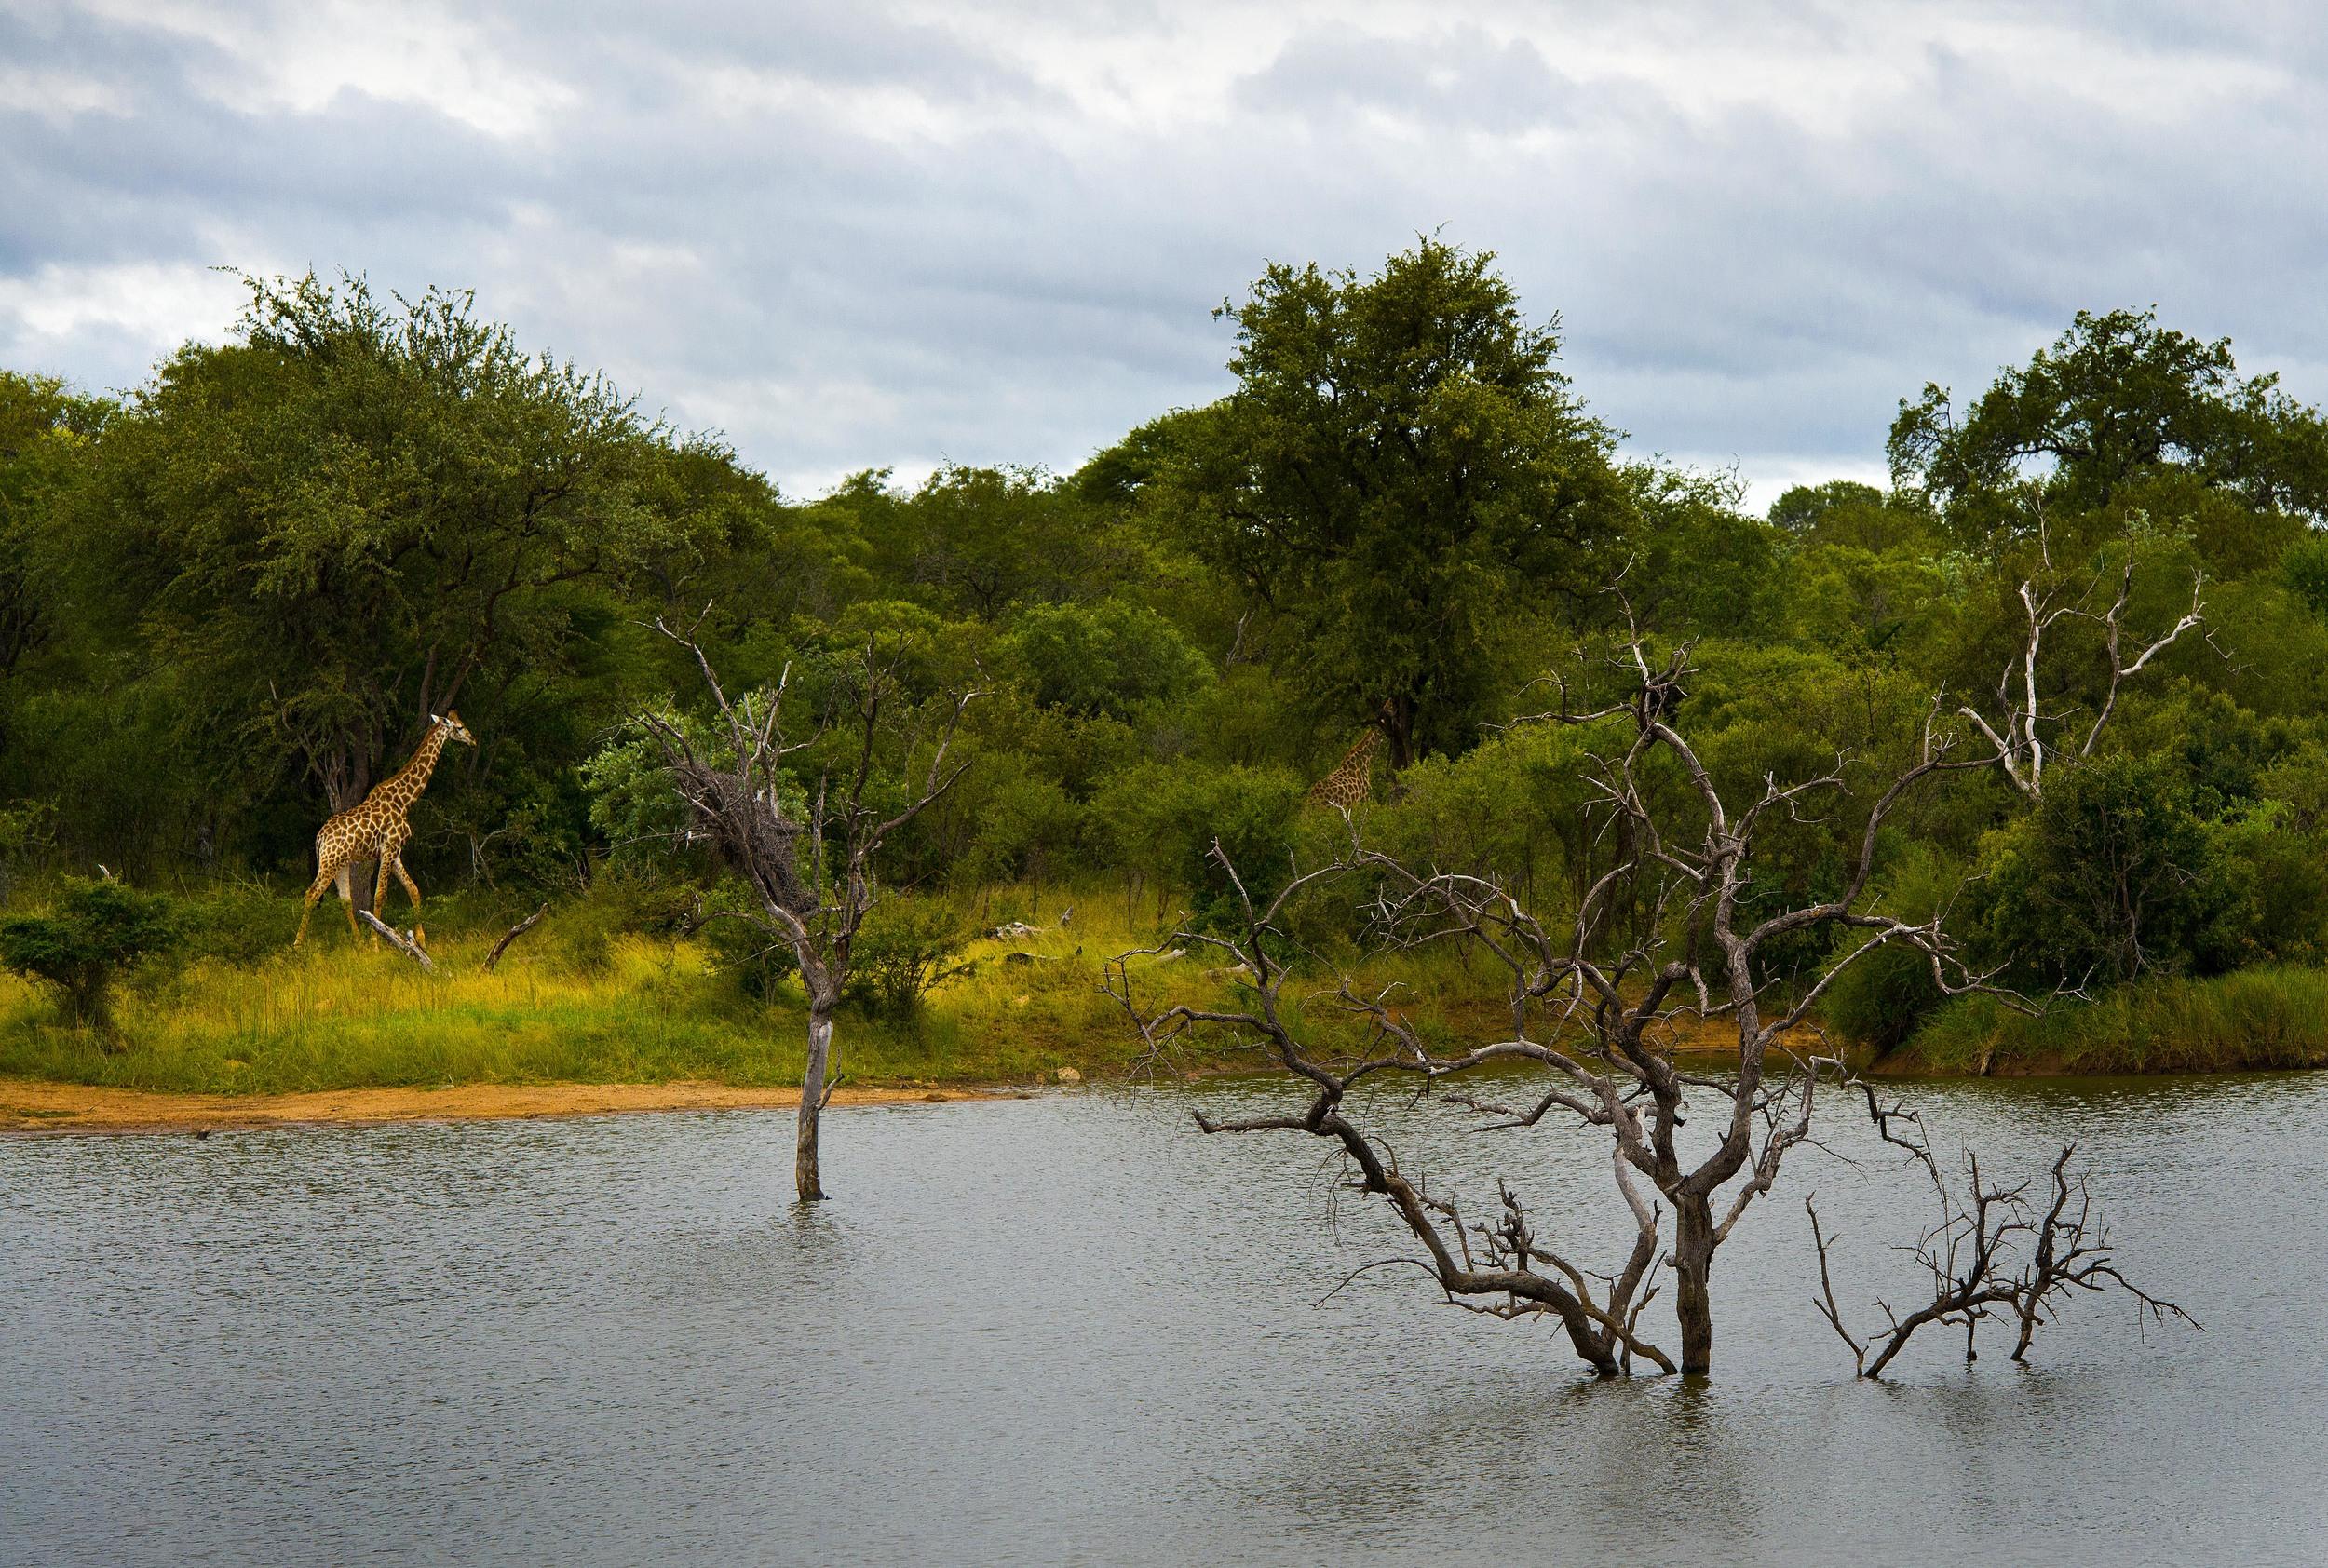 130420_DSC4032 Giraffe Grazing by Pond.jpg